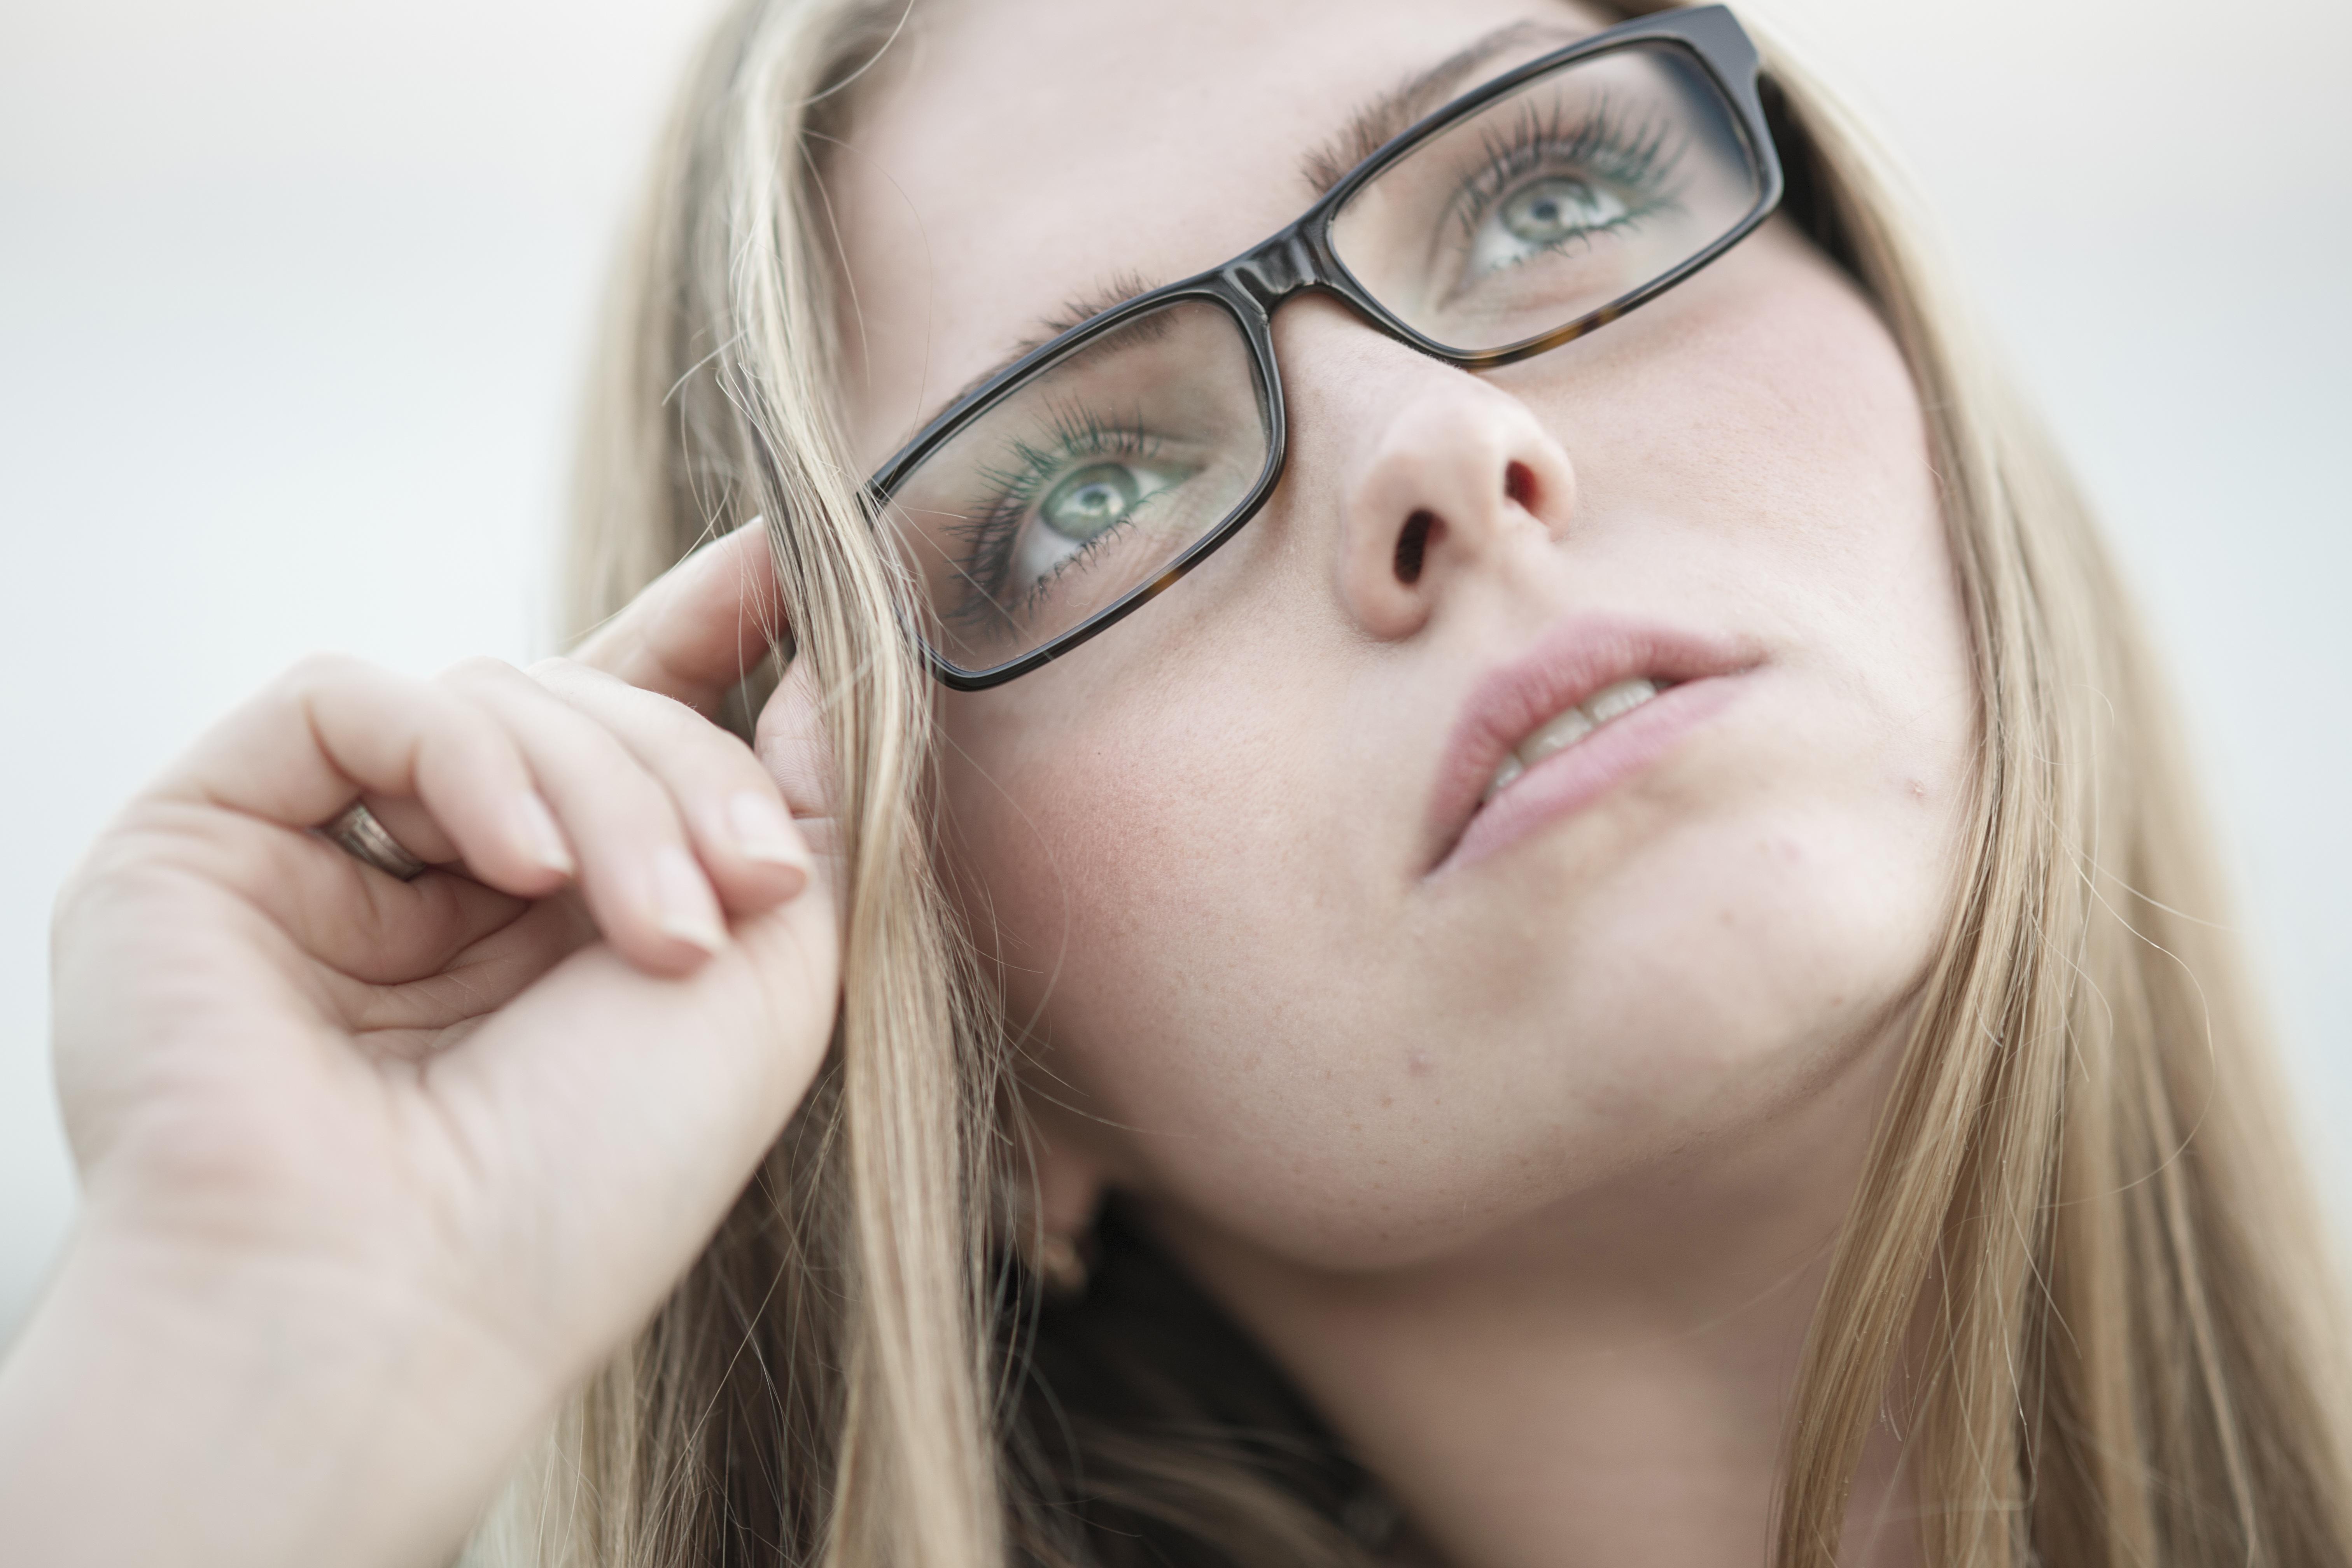 ป้องกันและรักษาอาการตาแห้ง ตาล้าง่ายๆ ฉบับมนุษย์เงินเดือน